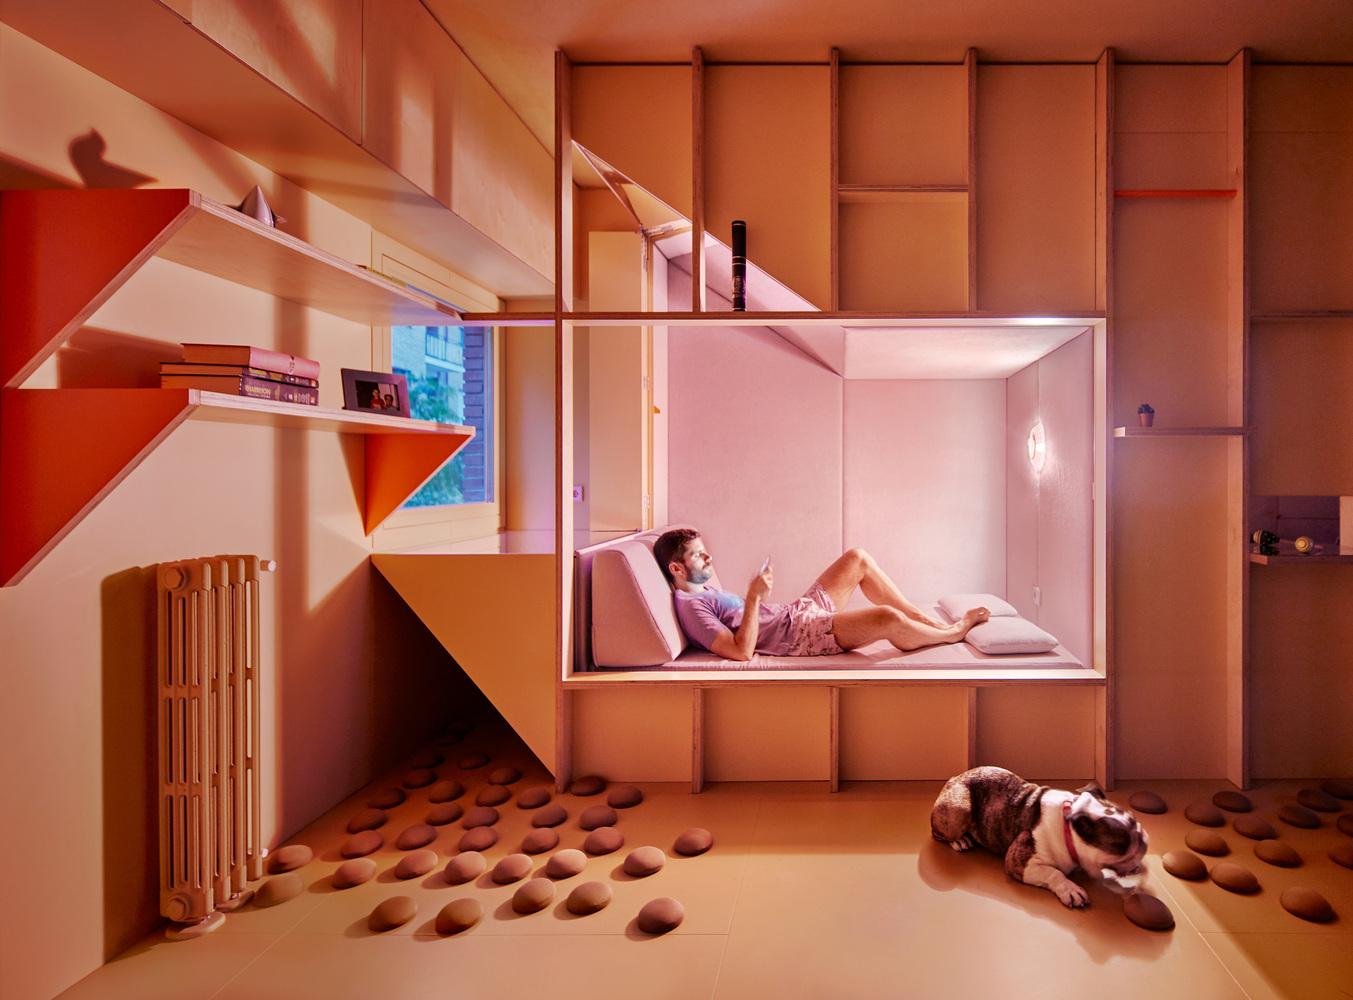 """Một chàng trai và chó cưng chia sẻ không gian sống được thiết kế từ những vật thể """"lai"""" giữa kiến trúc và nội thất."""